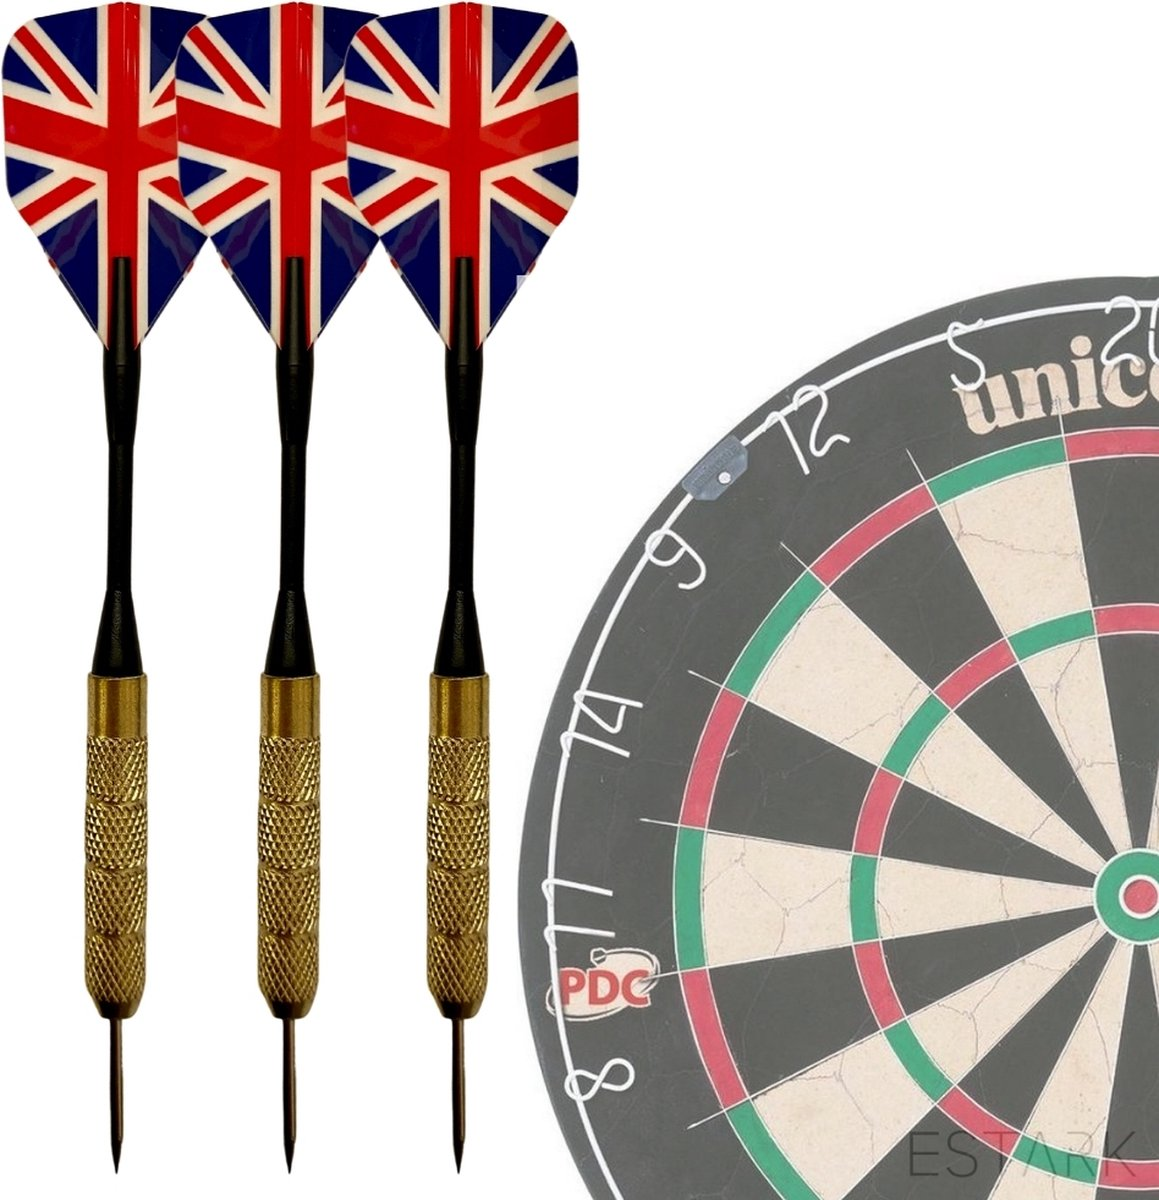 UKdarts - 3 Stevige Complete Dartpijlen - Darts Accessoires - Dartset - Dartpijlen - Darts Pijlen - Darts Flights - Darten - PROFESSIONEEL - 3 Pijlen